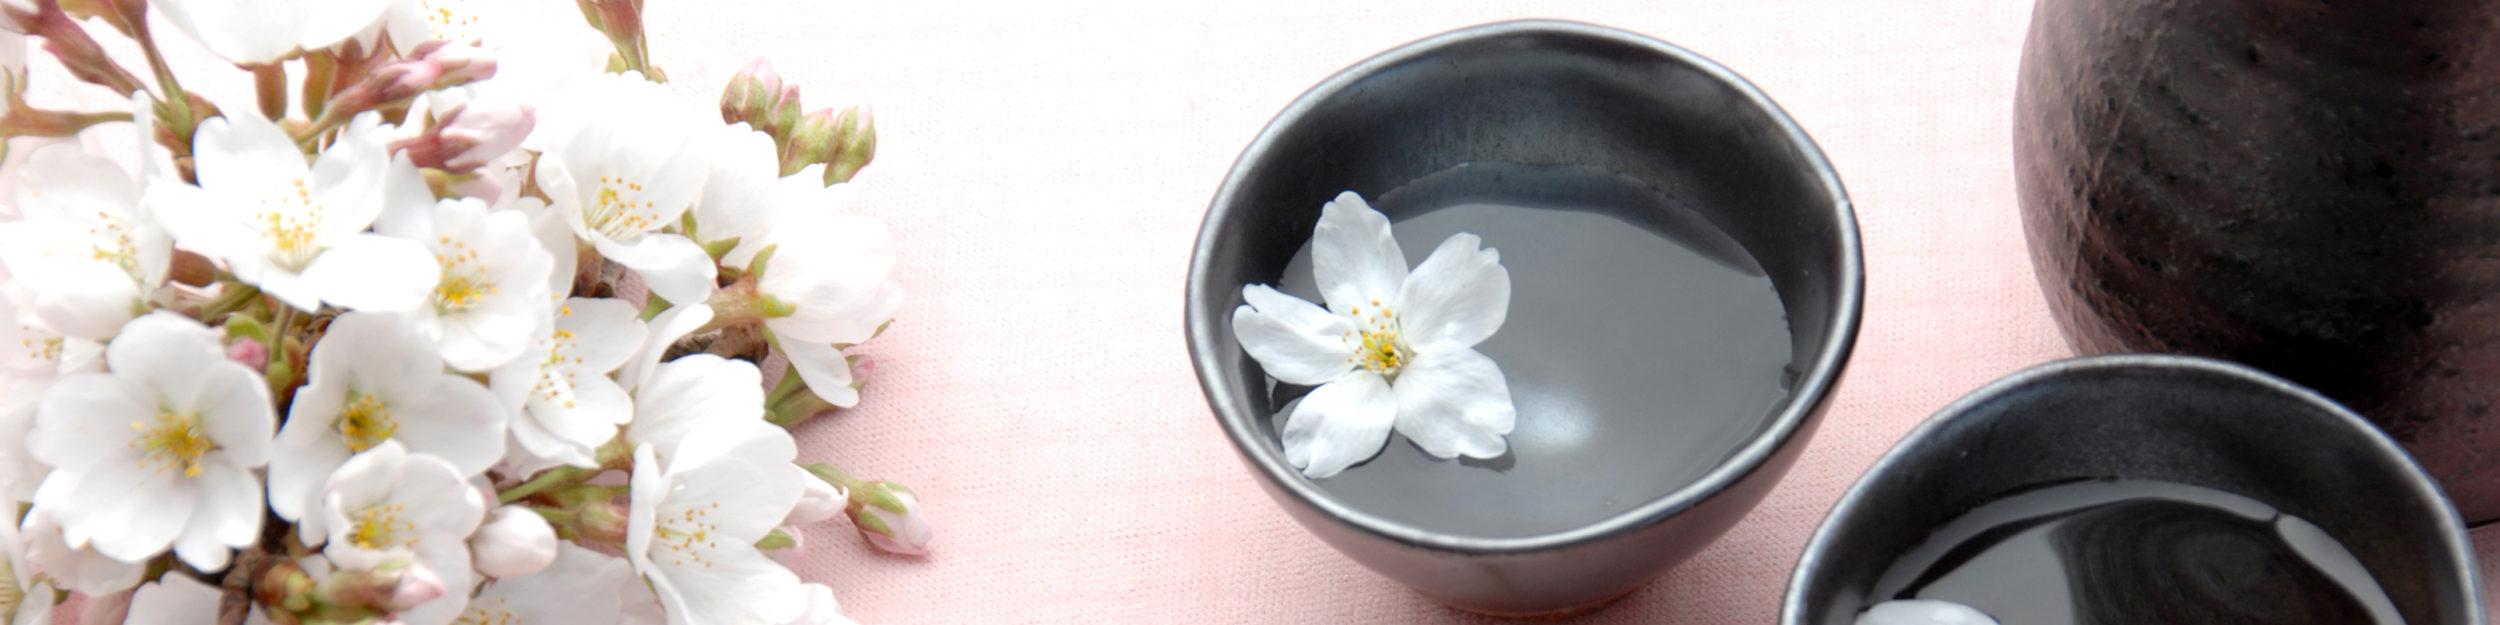 だりむくり 日本のお酒を紹介します!